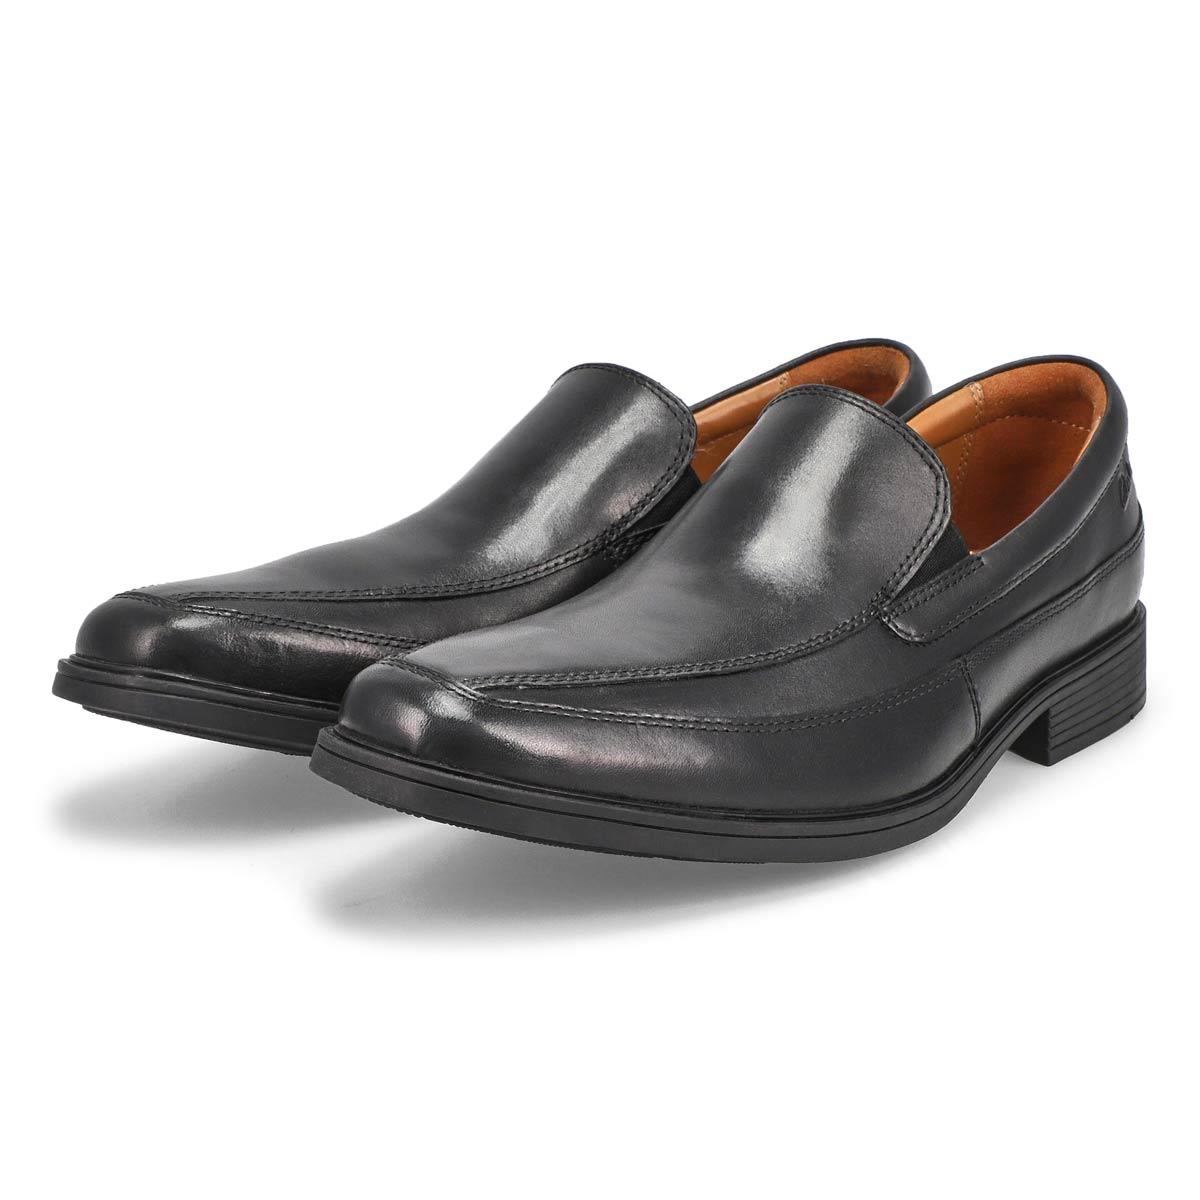 Mns Tilden Free black dress slip on